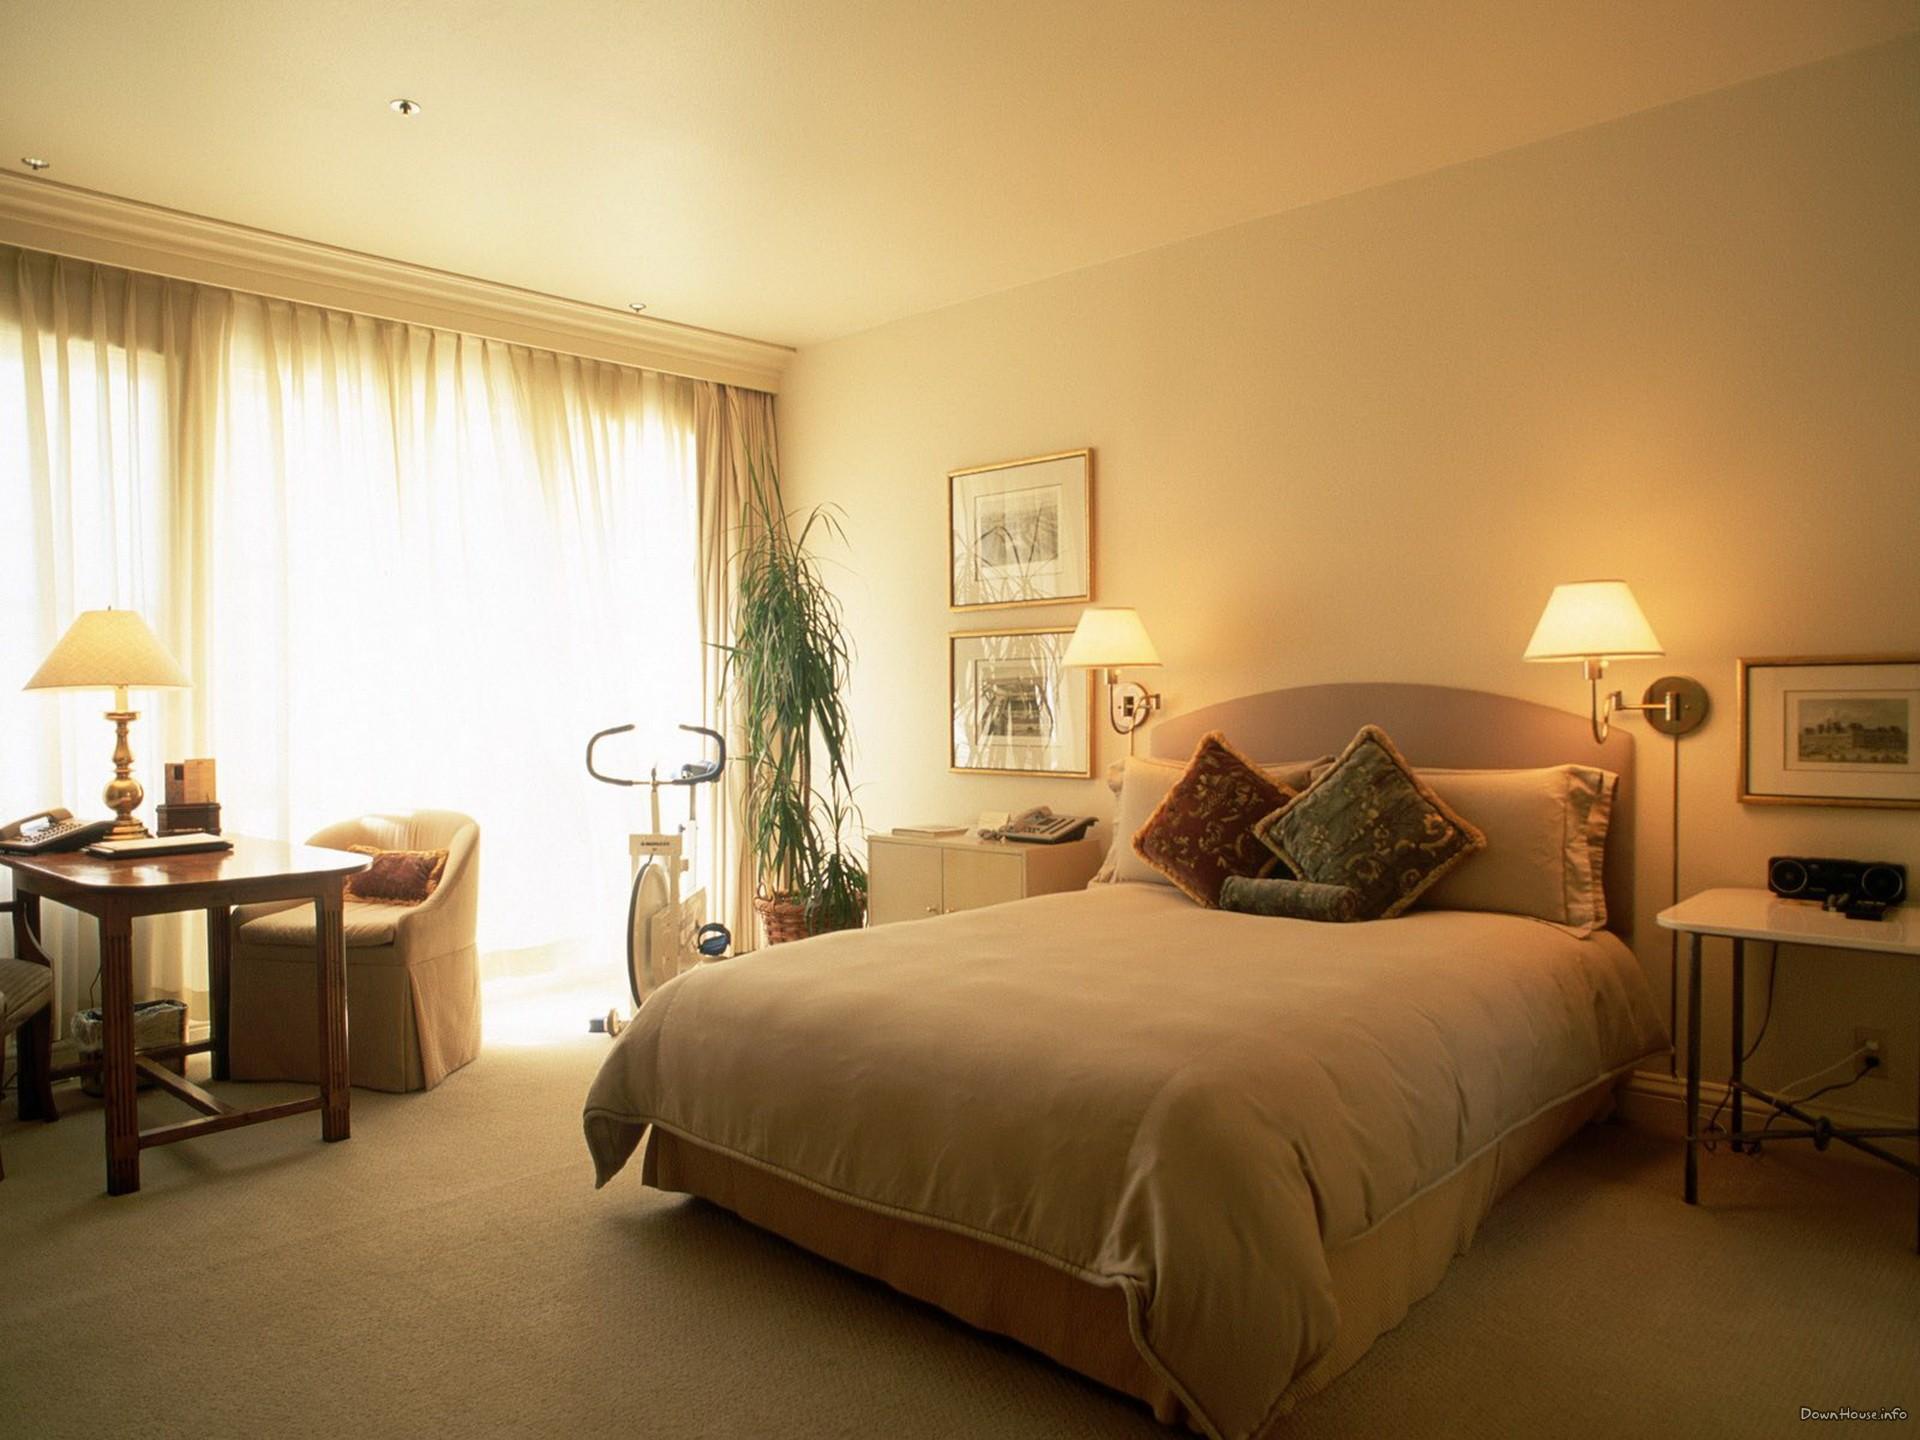 - Fotos de camas bonitas ...